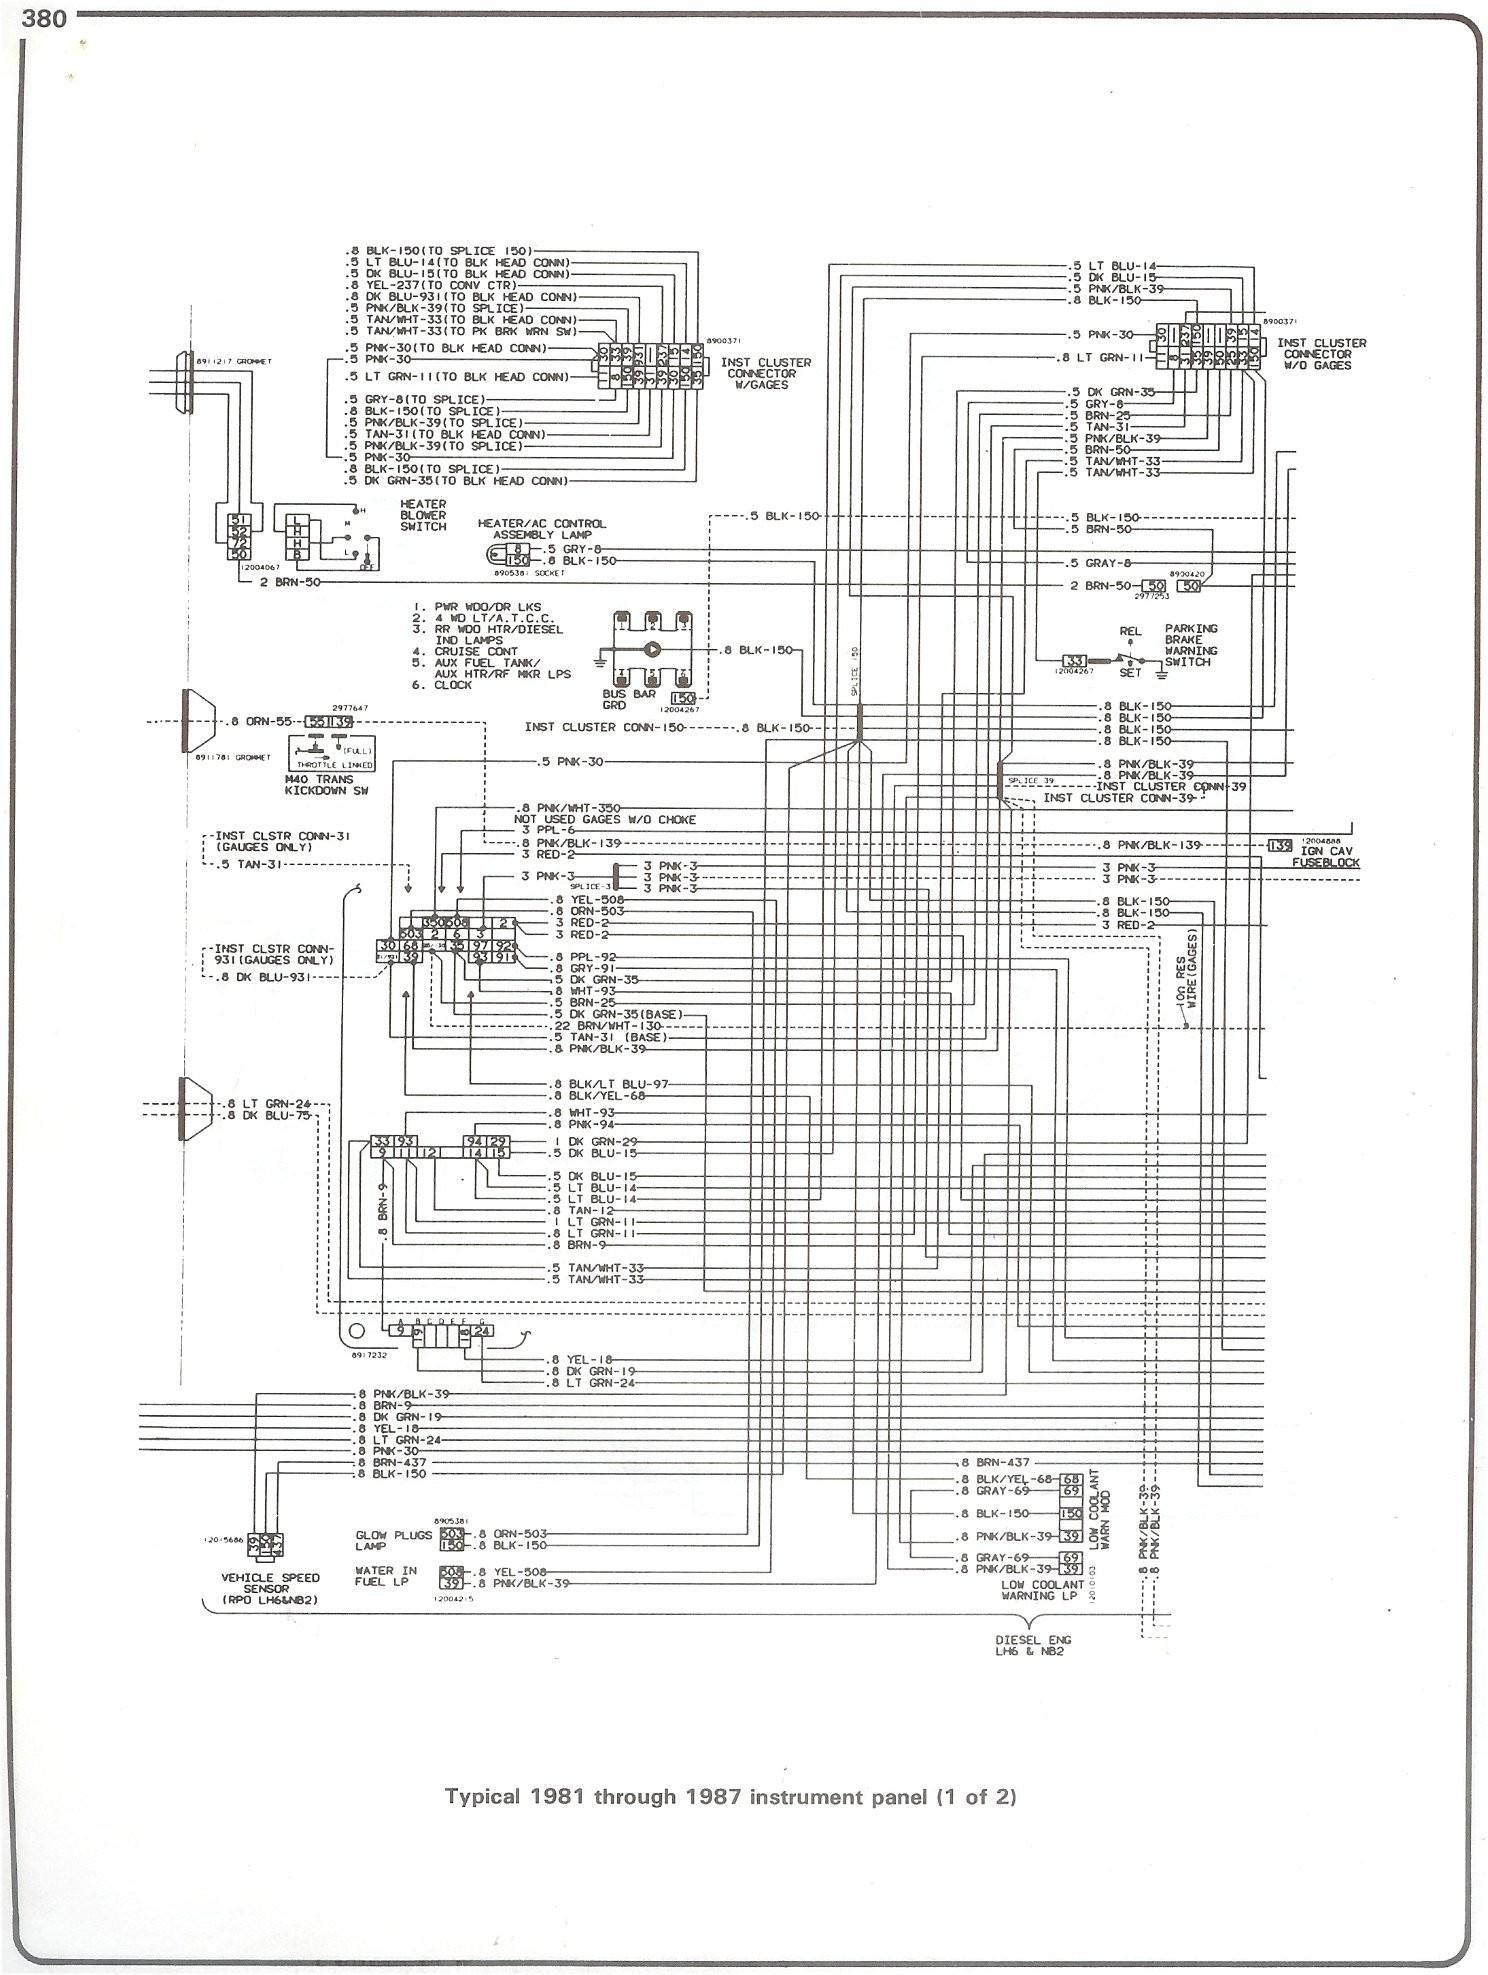 84 Chevy Silverado K20 solenoid Wiring Diagram Schematic 84 Chevy Truck Wiring Diagram Wiring Diagram View A View Of 84 Chevy Silverado K20 solenoid Wiring Diagram Schematic